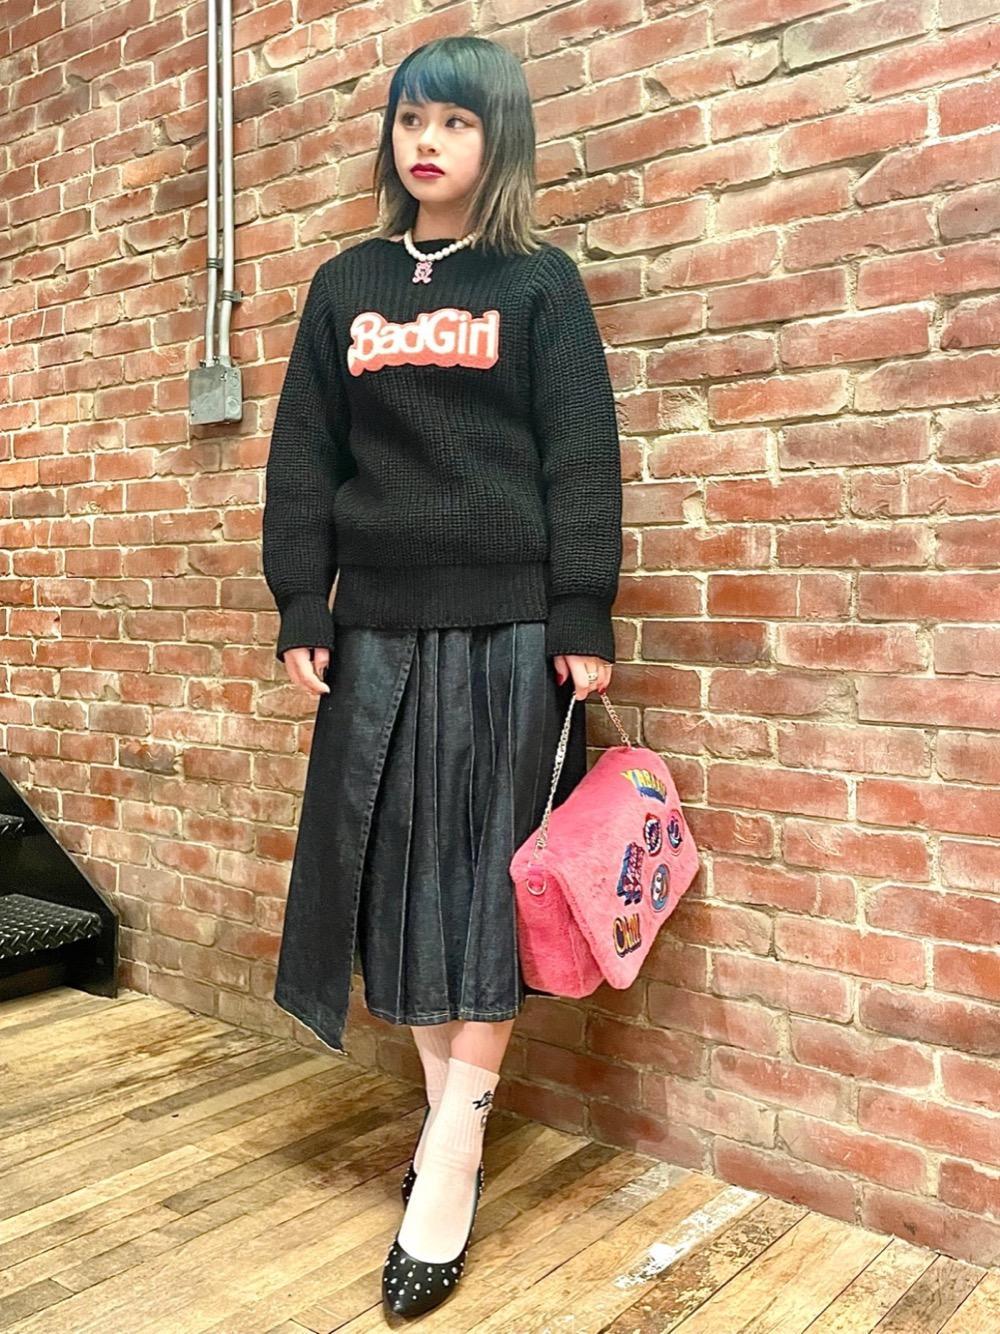 ブラック×ピンクのガーリーなコーディネートを組んでみました💗 普段ロングスカートはあまり履かないですが、このラッププリーツのデザインは好きでコーディネートに取り入れたくなります👗